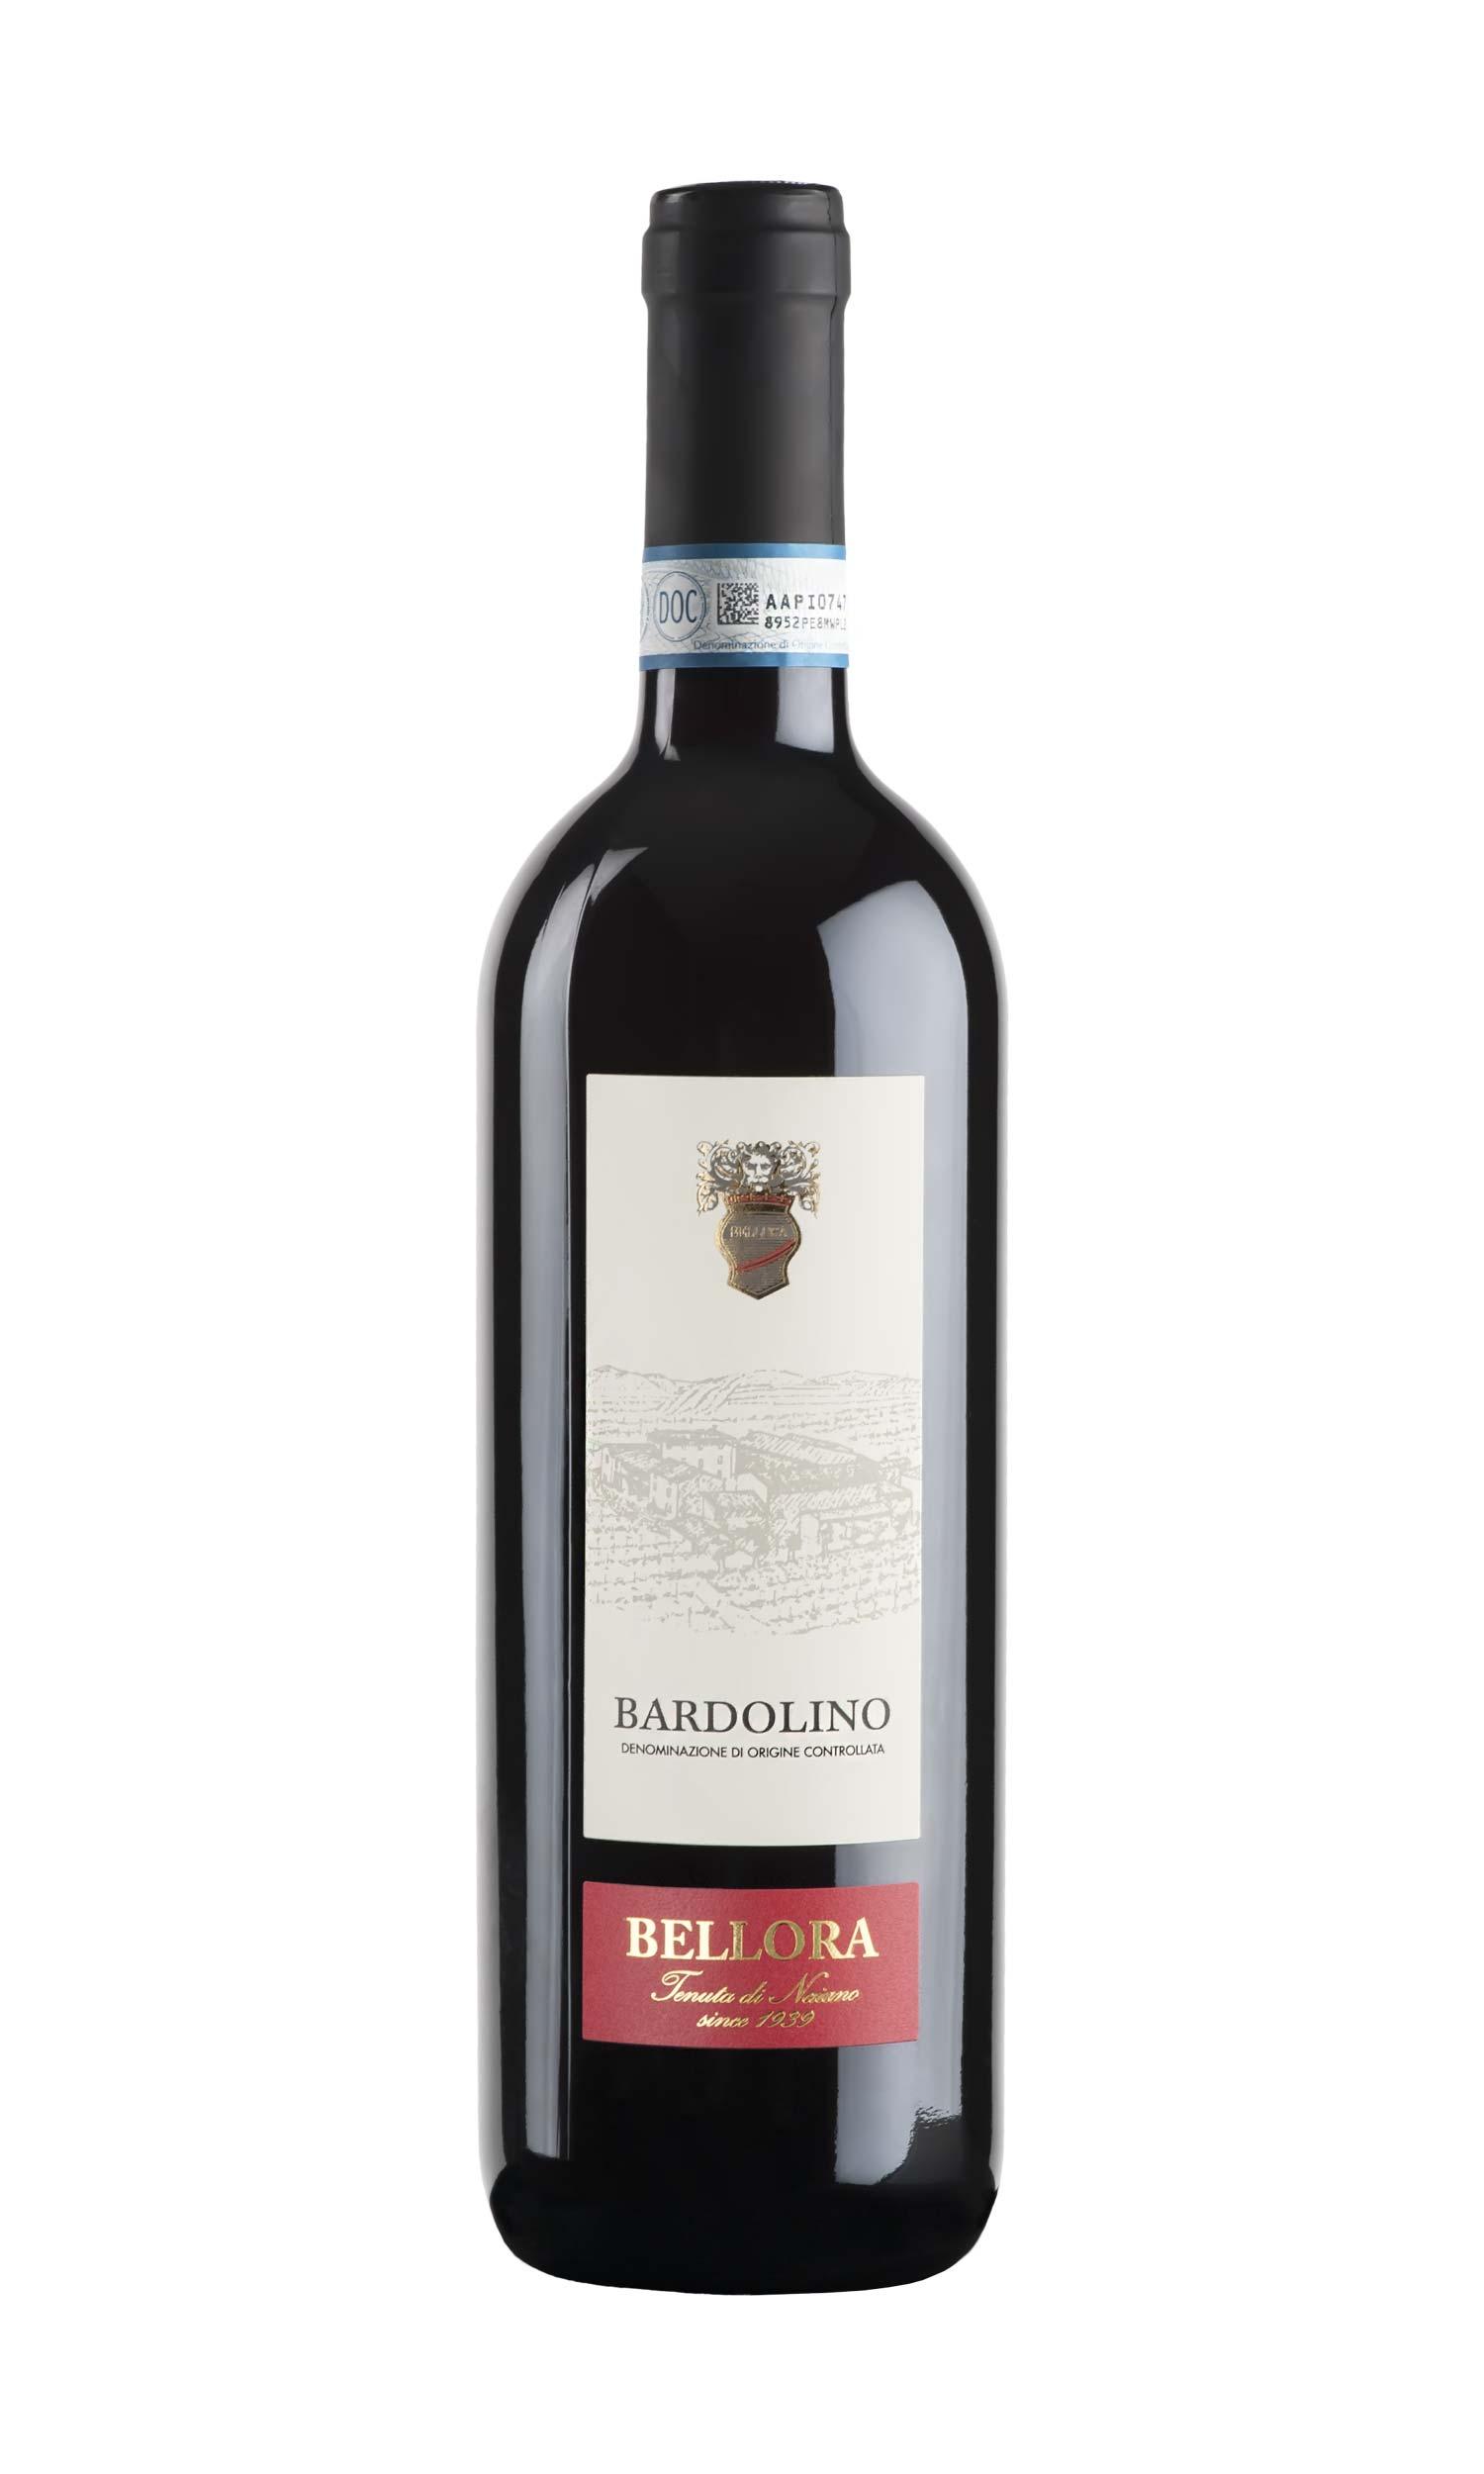 Bardolino vino Bellora